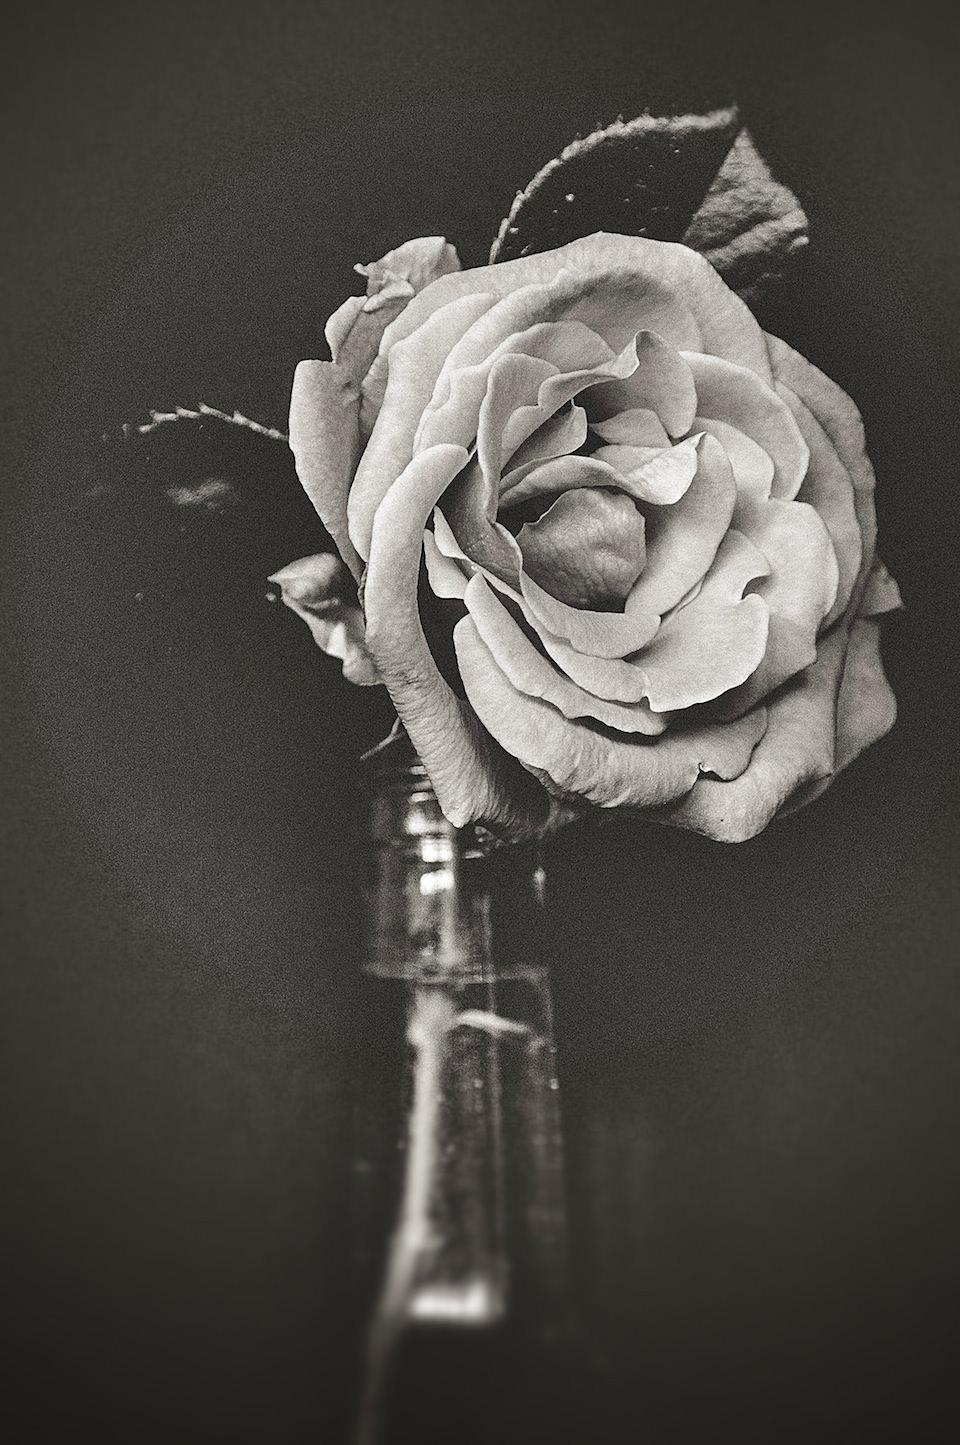 Eine Blume, schwarzweiß (sepia) und hochkant fotografiert. Die Blüten sind sehr gut zu erkennen.